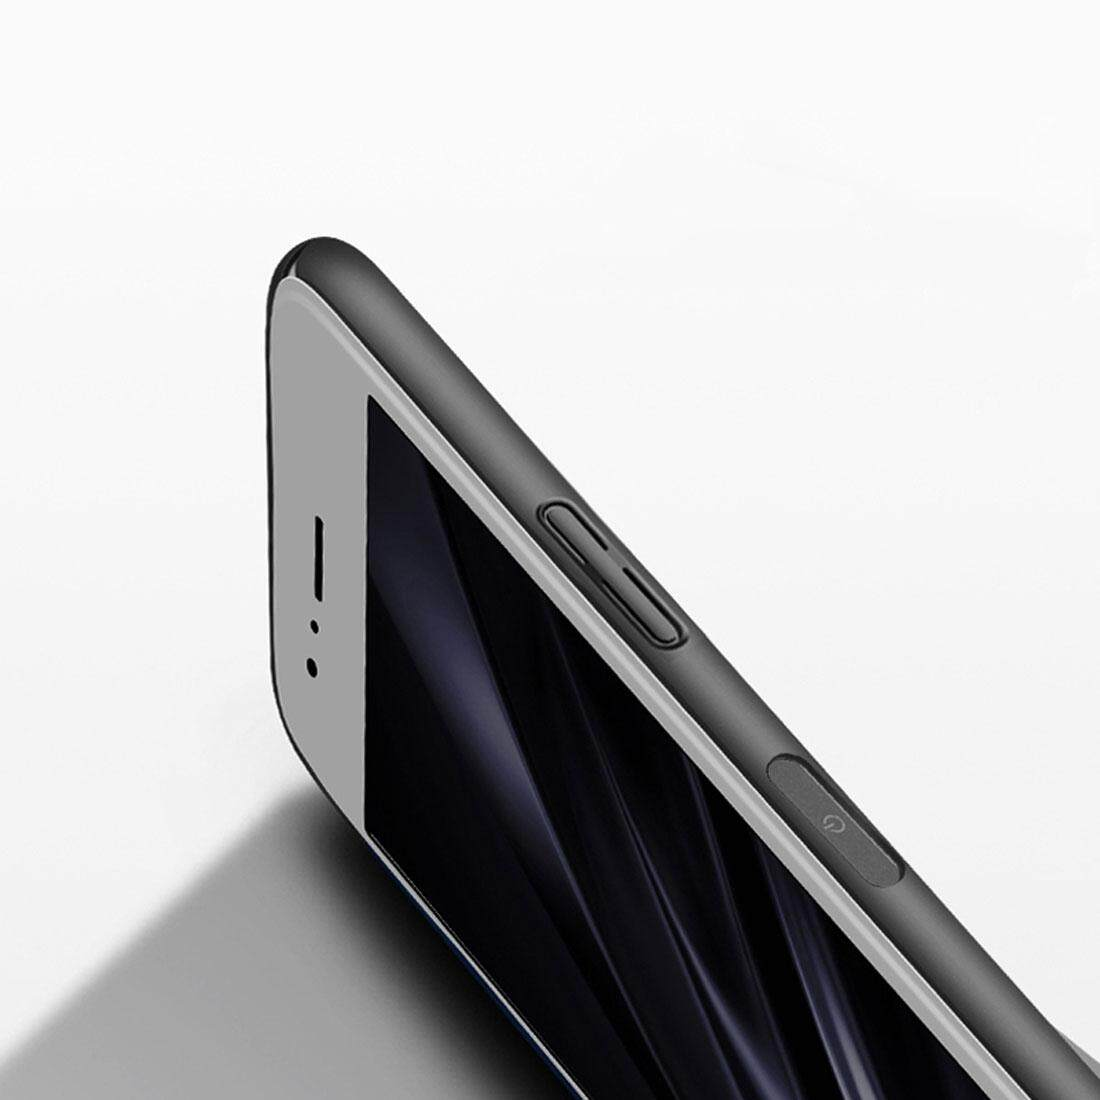 ... Mofi untuk Sony Xperia XA1 Plus Buah Ultra Tipis Sisi Sepenuhnya Terbungkus Pelindung Sampul Belakang Case ...